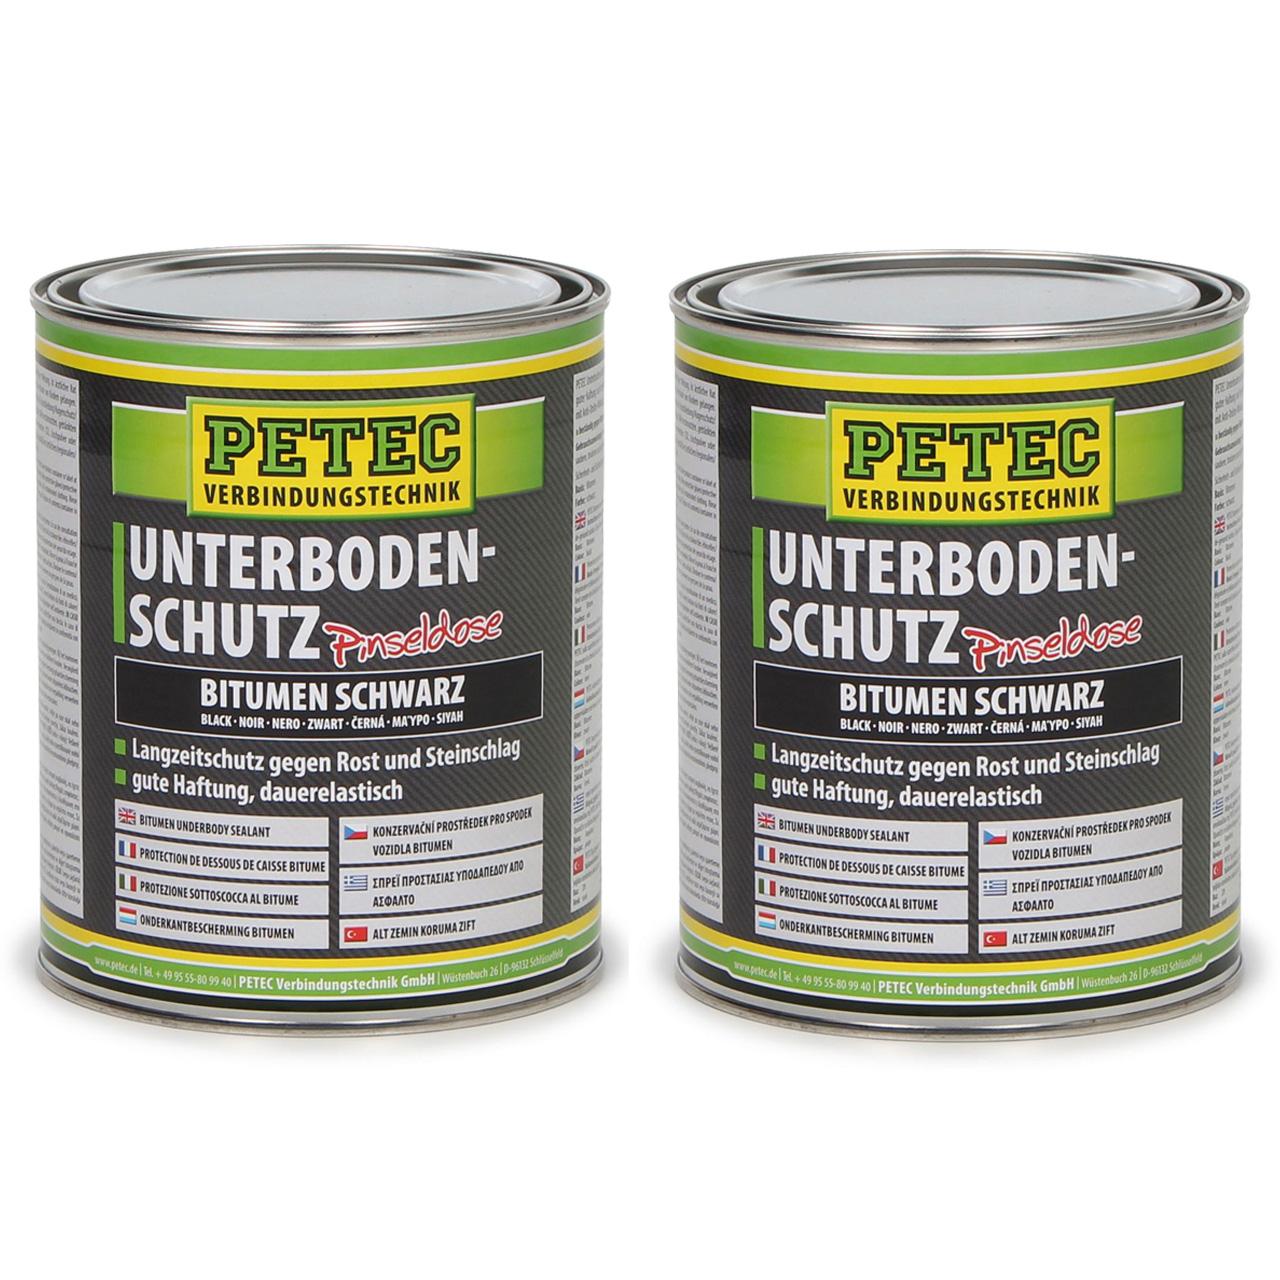 PETEC 73100 Unterbodenschutz Pinseldose BITUMEN SCHWARZ 2x 1000ml 1 Liter